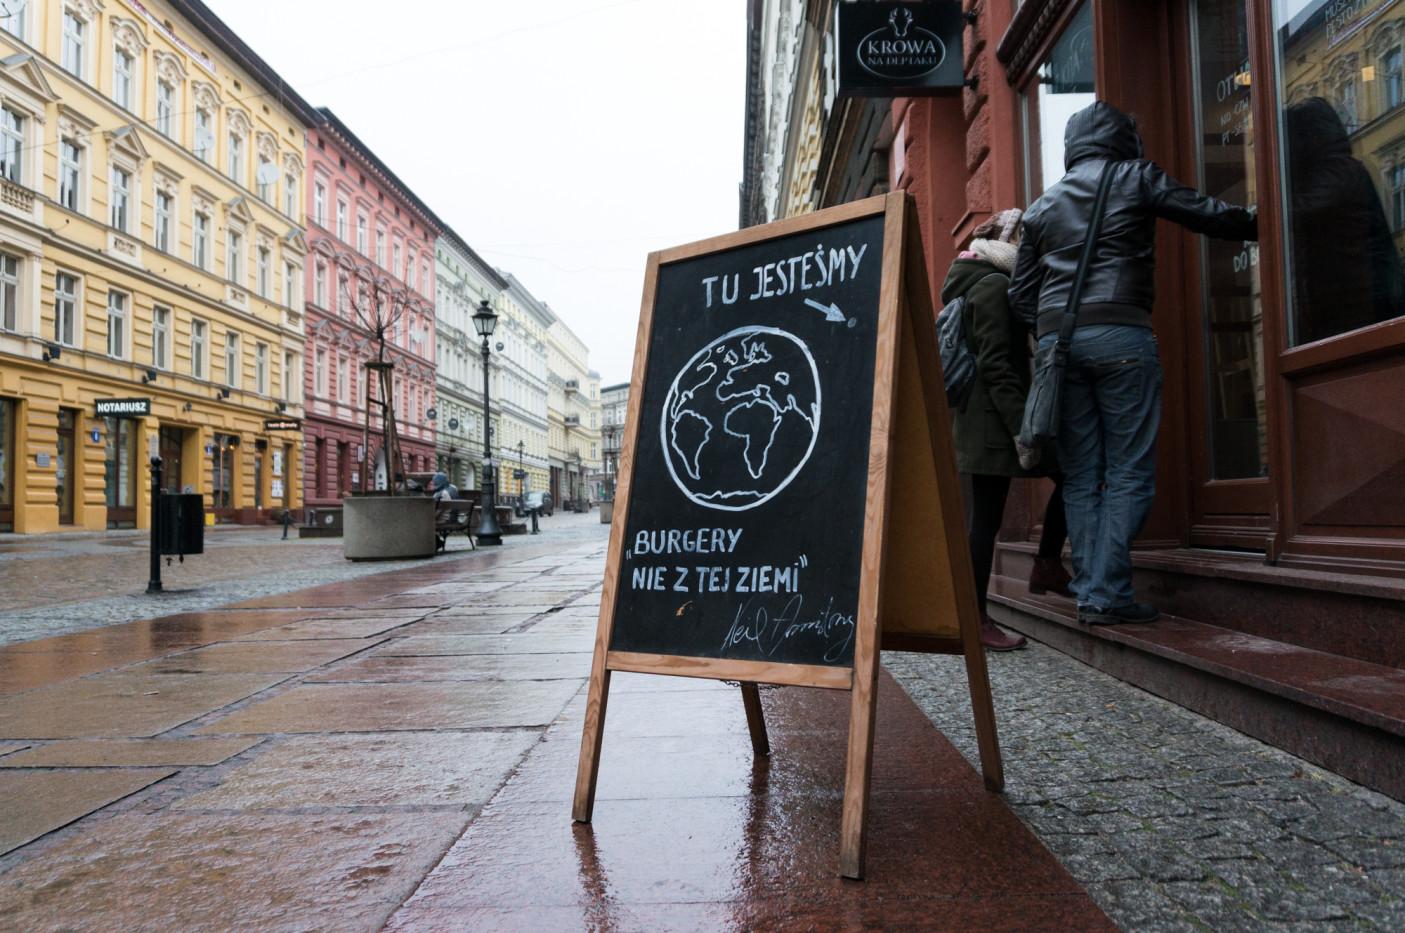 Gdy jest cieplej, przed wejściem są stoliki i parasole. Informacja na potykaczu może być odrobinę myląca (jeśli chodzi o lokalizację), ale za to z poczuciem humoru ;).